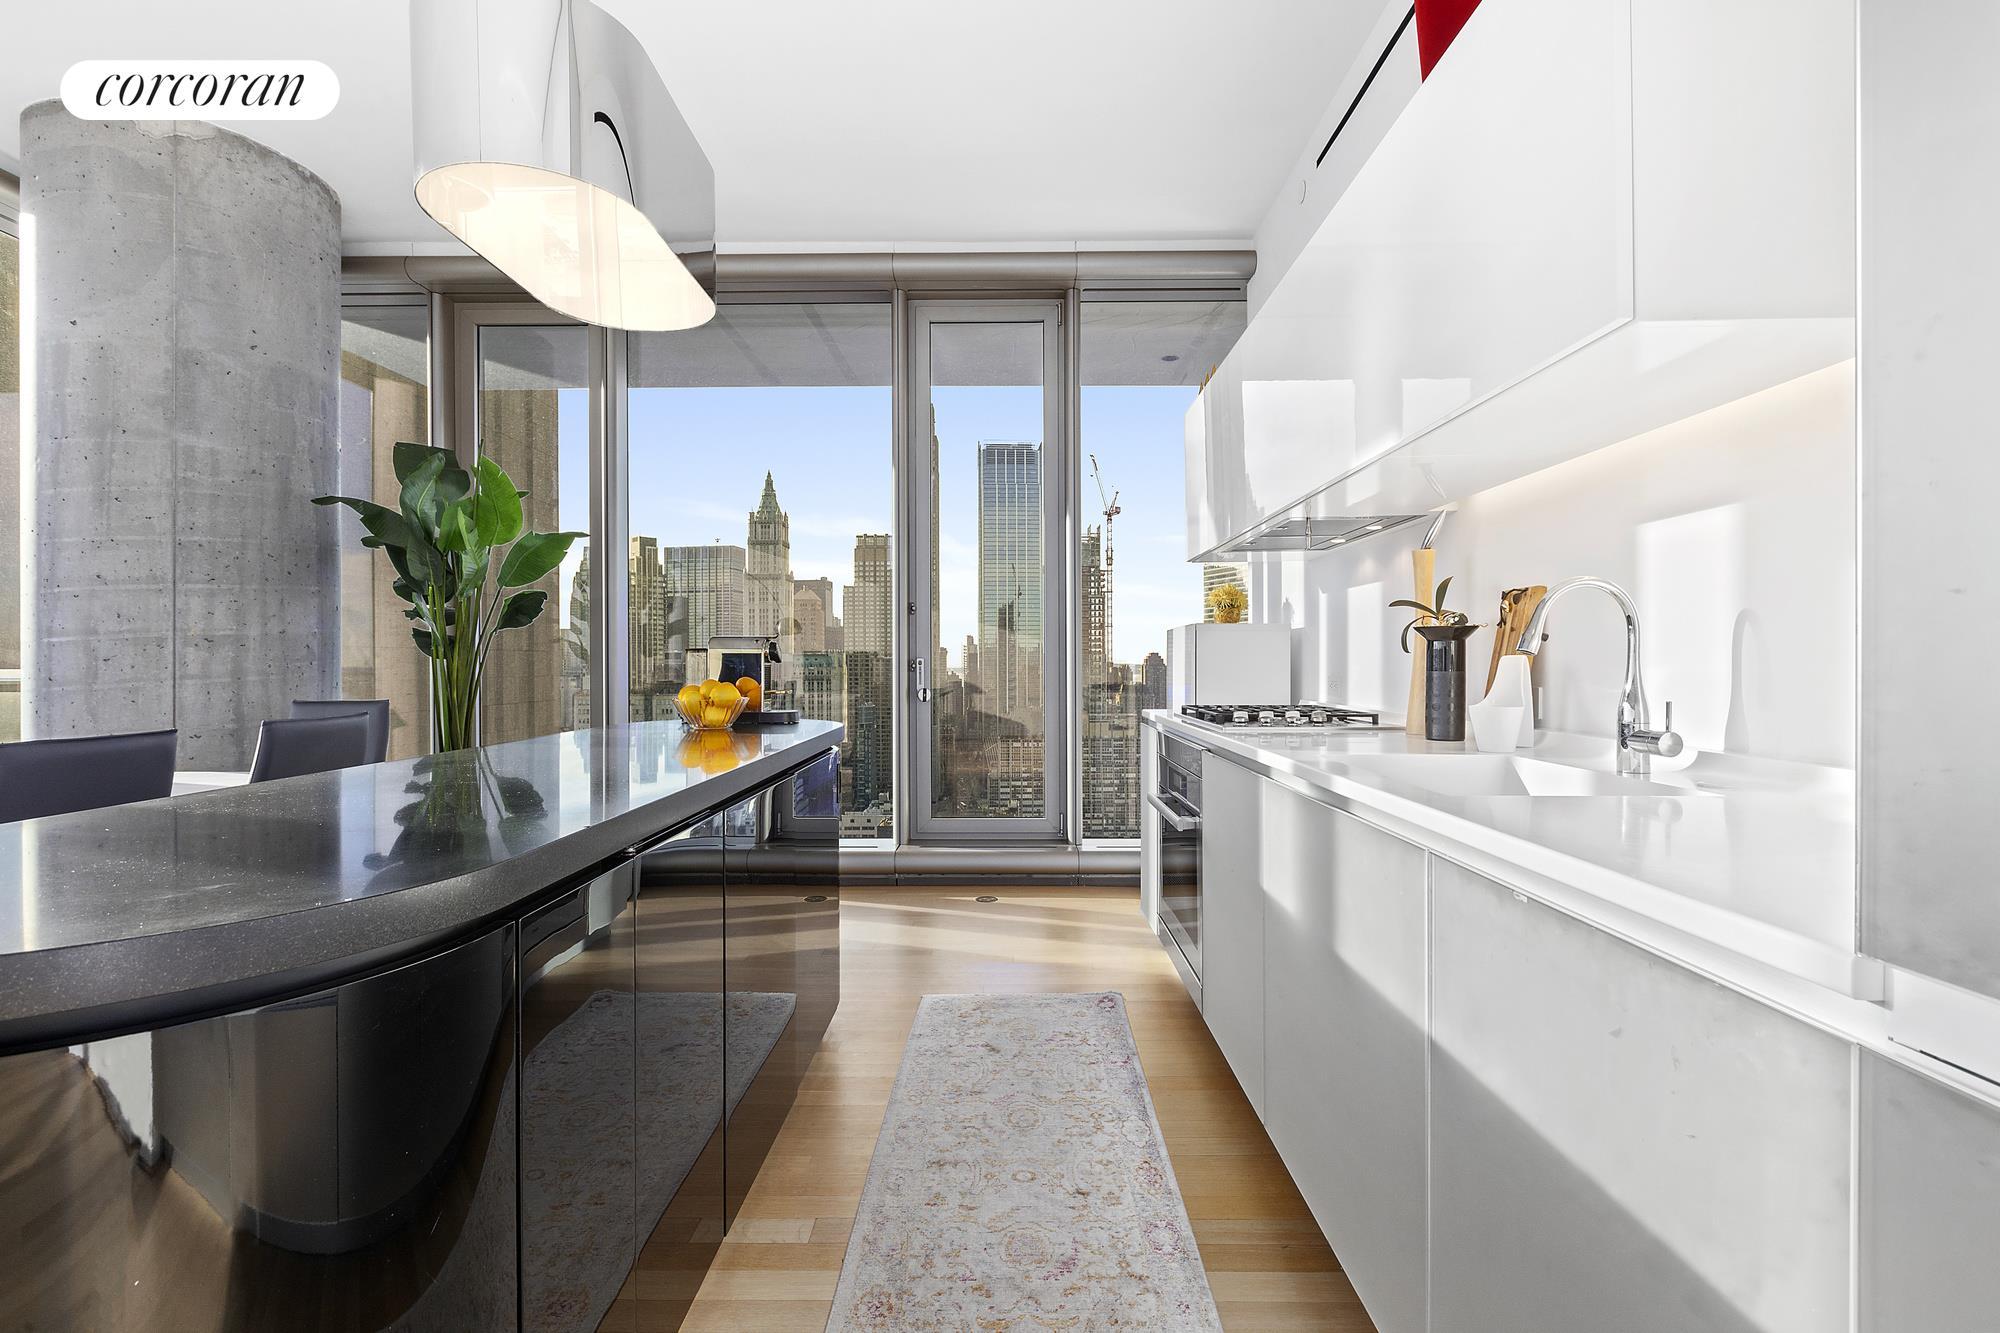 Apartment for sale at 56 Leonard Street, Apt 34B EAST